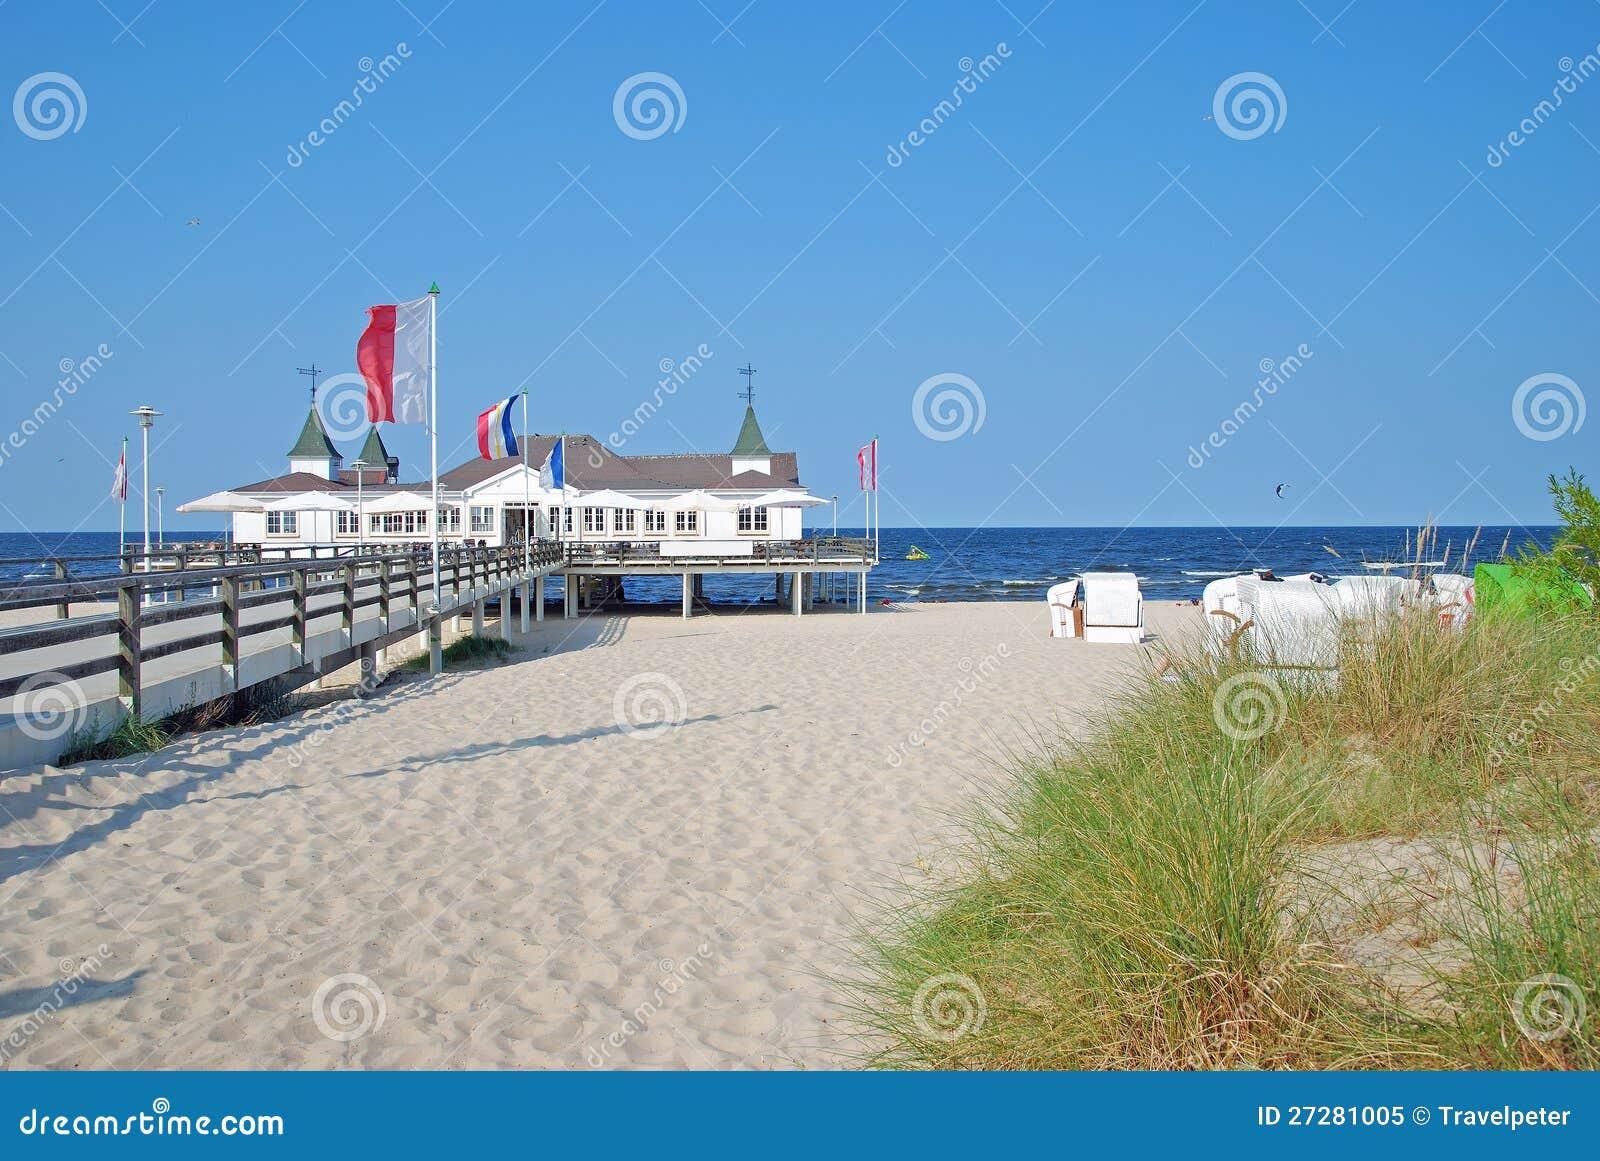 Ahlbeck, isola di usedom, Mar Baltico, Germania